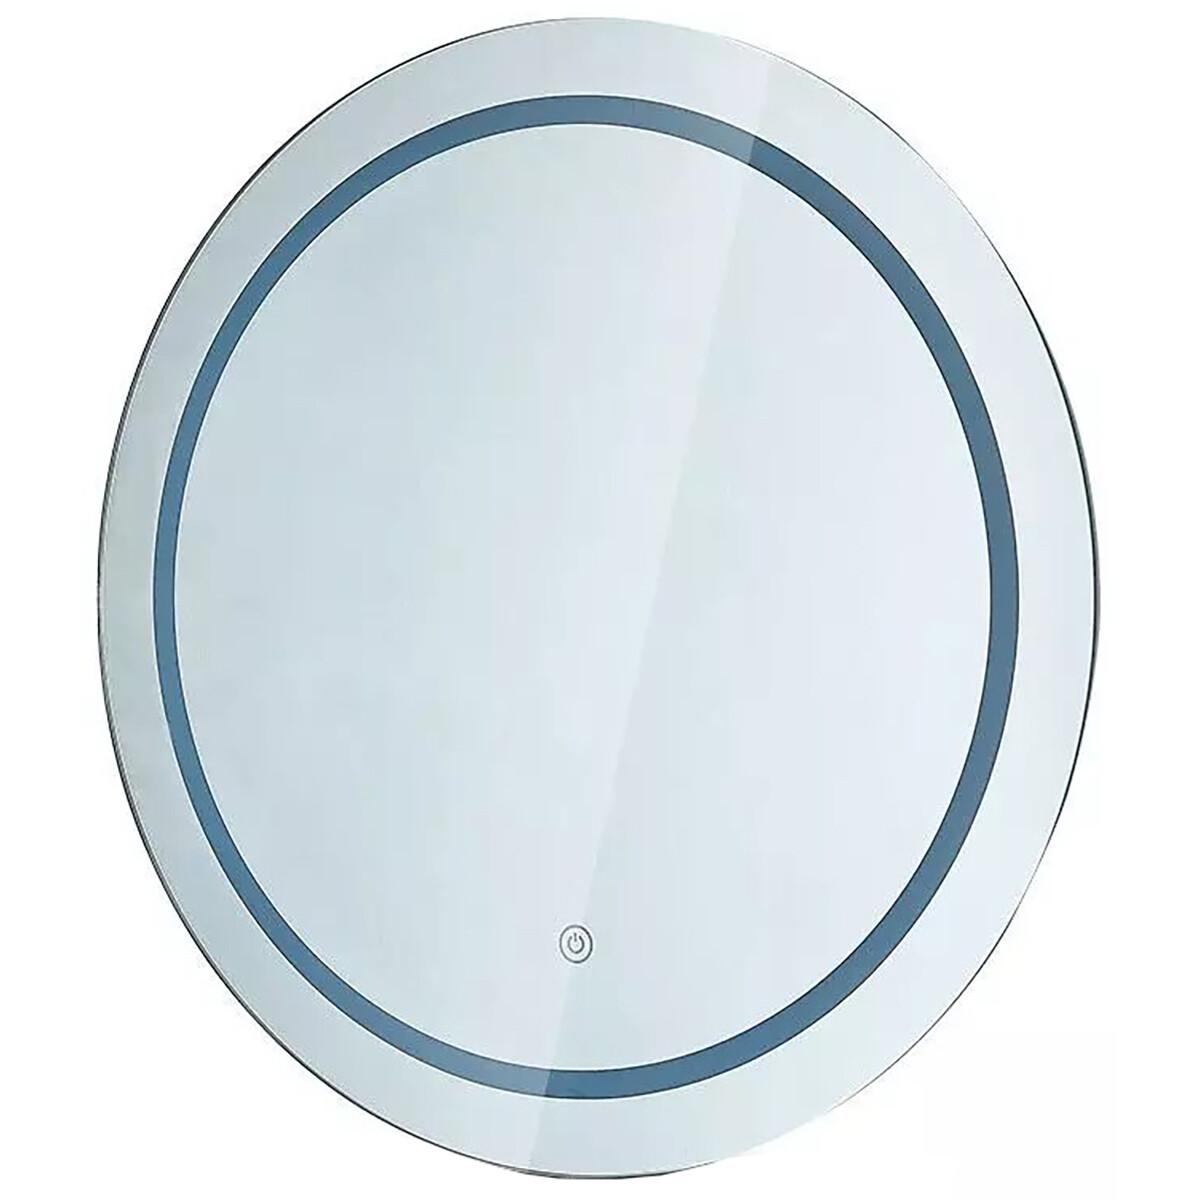 LED Badkamerspiegel - Viron Mirron - Ø60cm - Rond - Anti Condens - Touch Schakelaar - Aanpasbare Kle